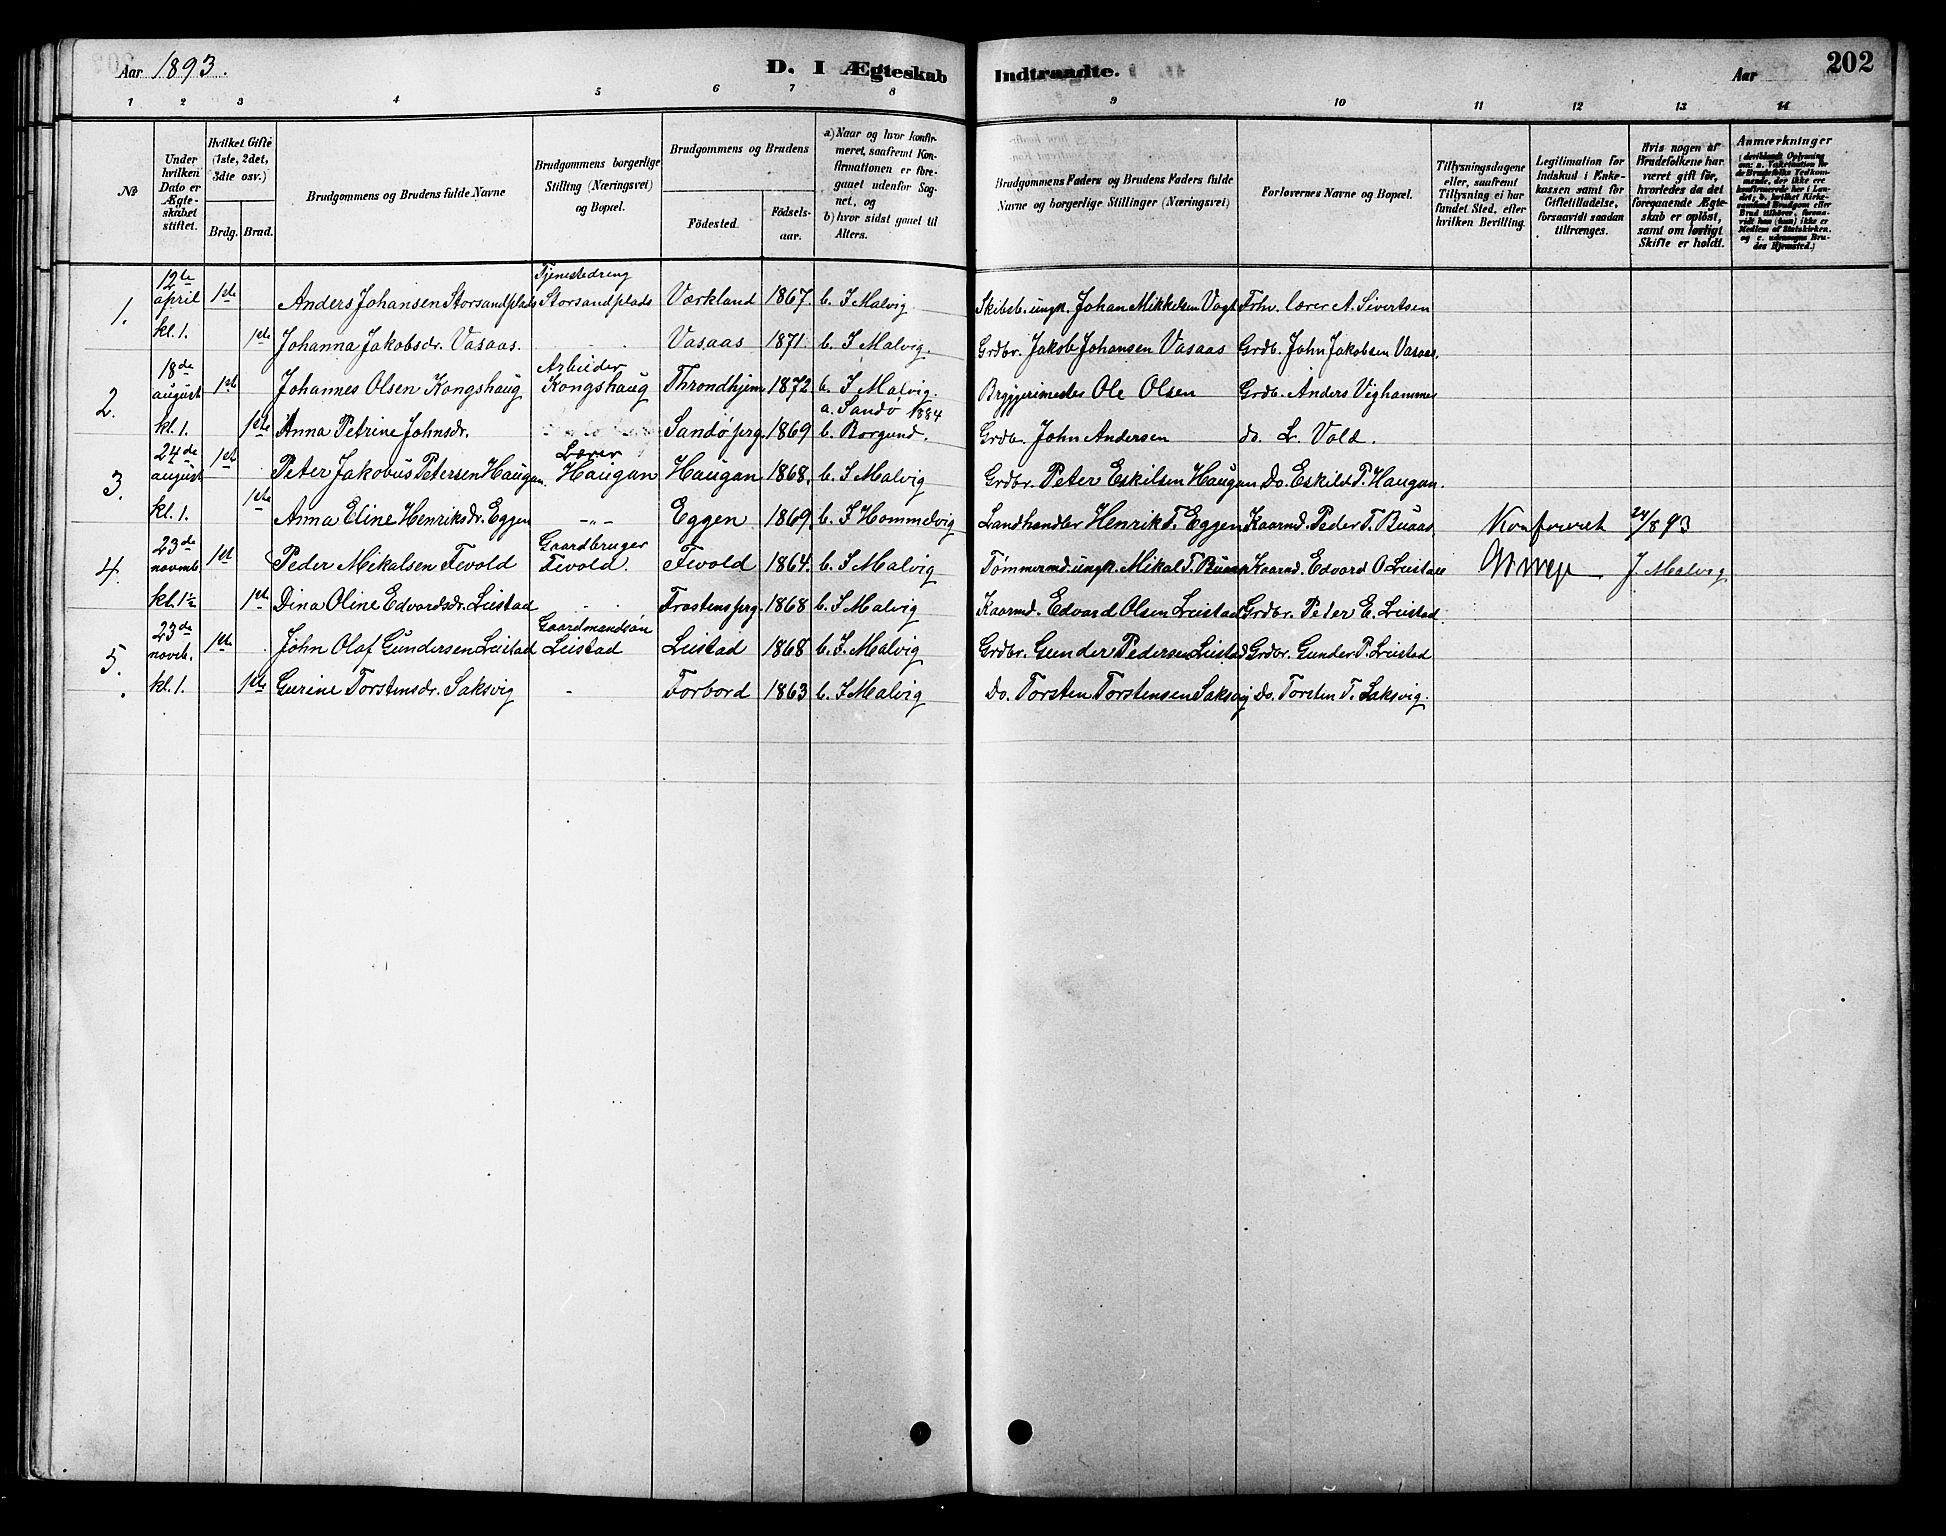 SAT, Ministerialprotokoller, klokkerbøker og fødselsregistre - Sør-Trøndelag, 616/L0423: Klokkerbok nr. 616C06, 1878-1903, s. 202